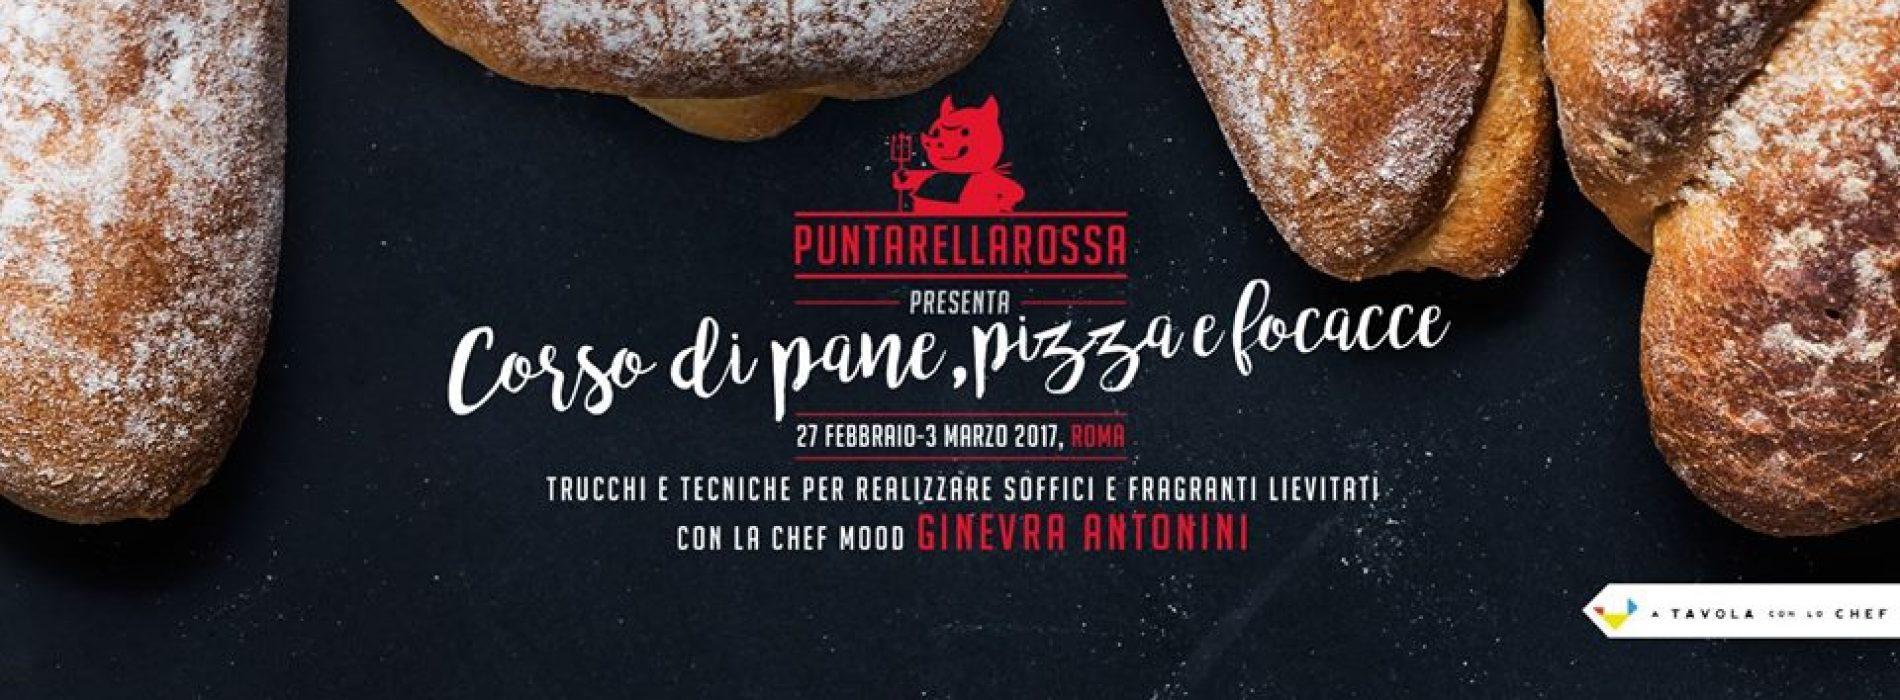 Disegno corsi di cucina a roma : Corso pane pizza focacce Roma 2017 | Corsi di cucina Roma 2017